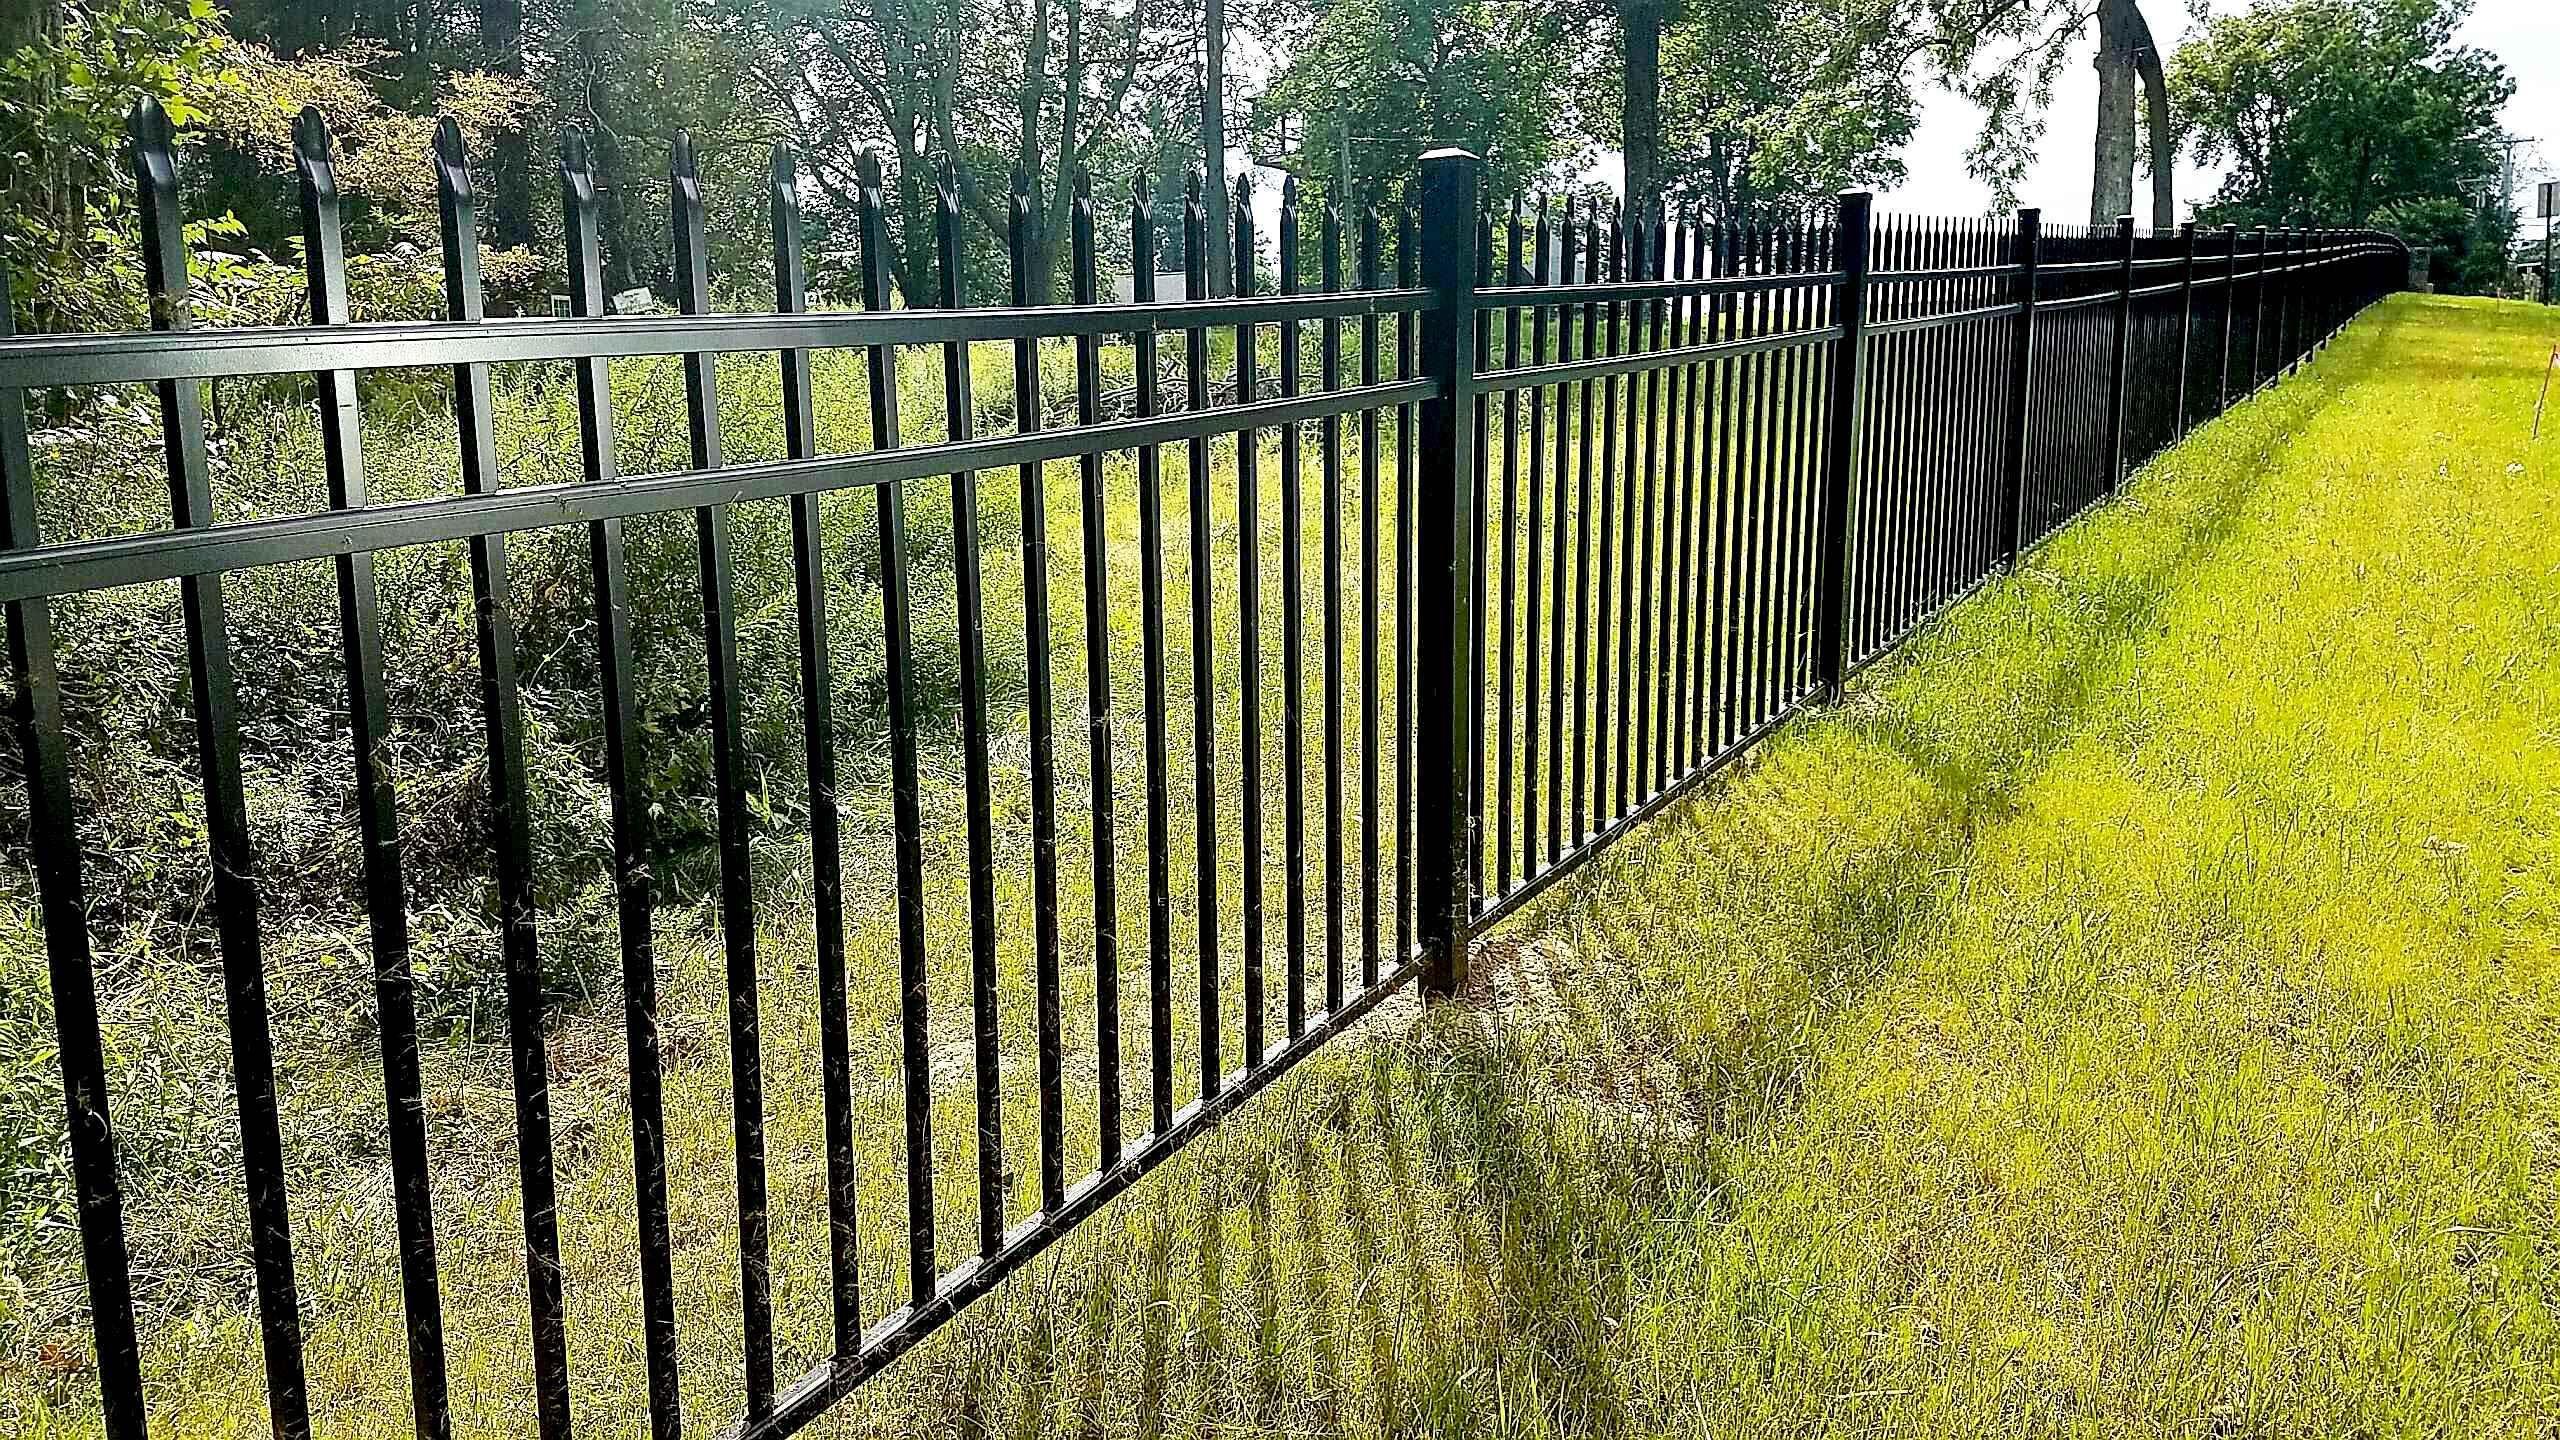 3 Rail Belmont Style Aluminum Fencing Aluminum Fencing Aluminum